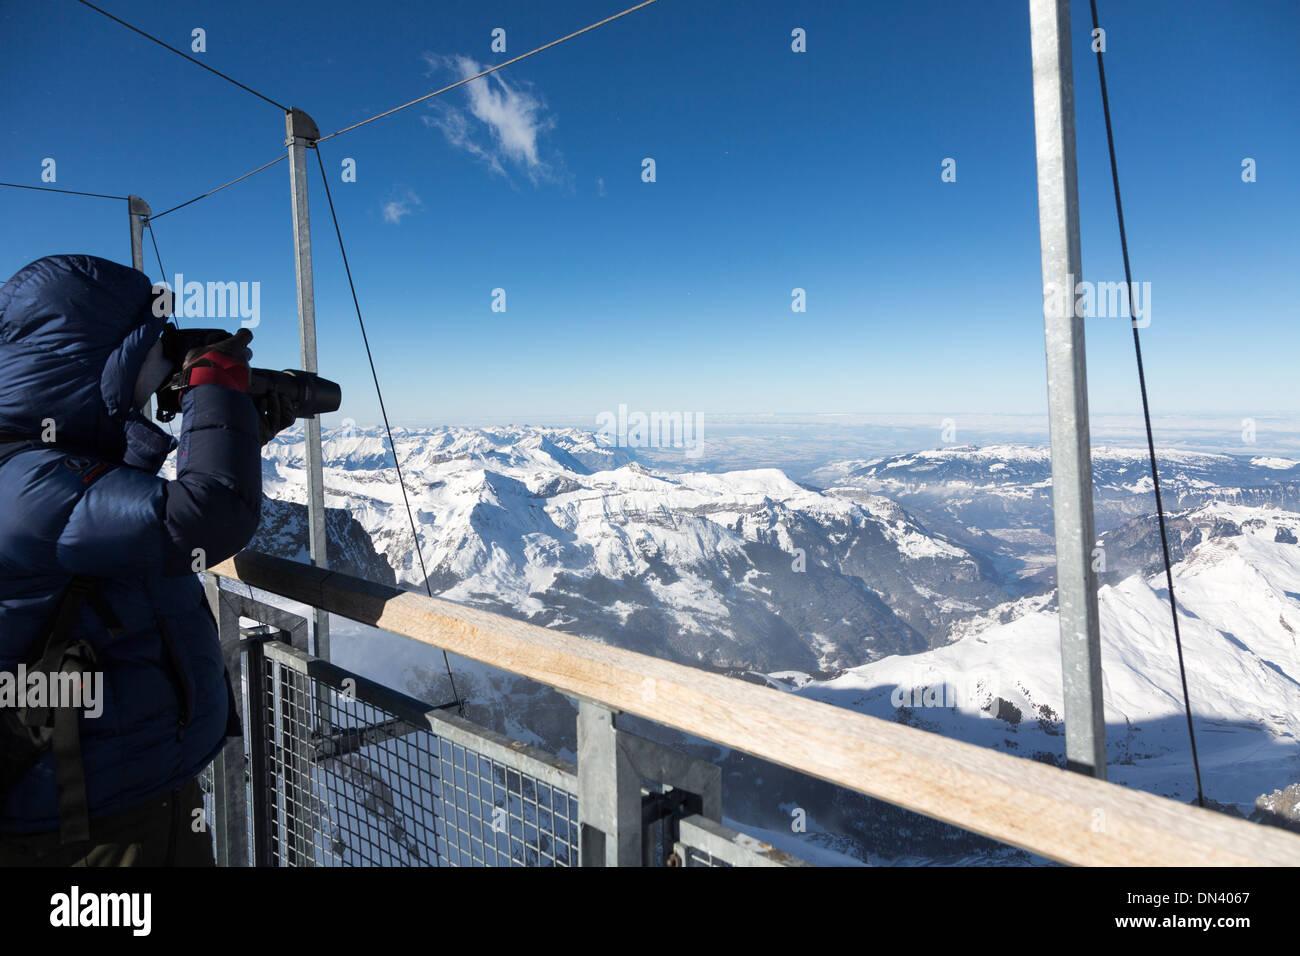 fotografiert vom Deck der Sphinx-Observatorium, Jungfraujoch, Schweiz Stockbild